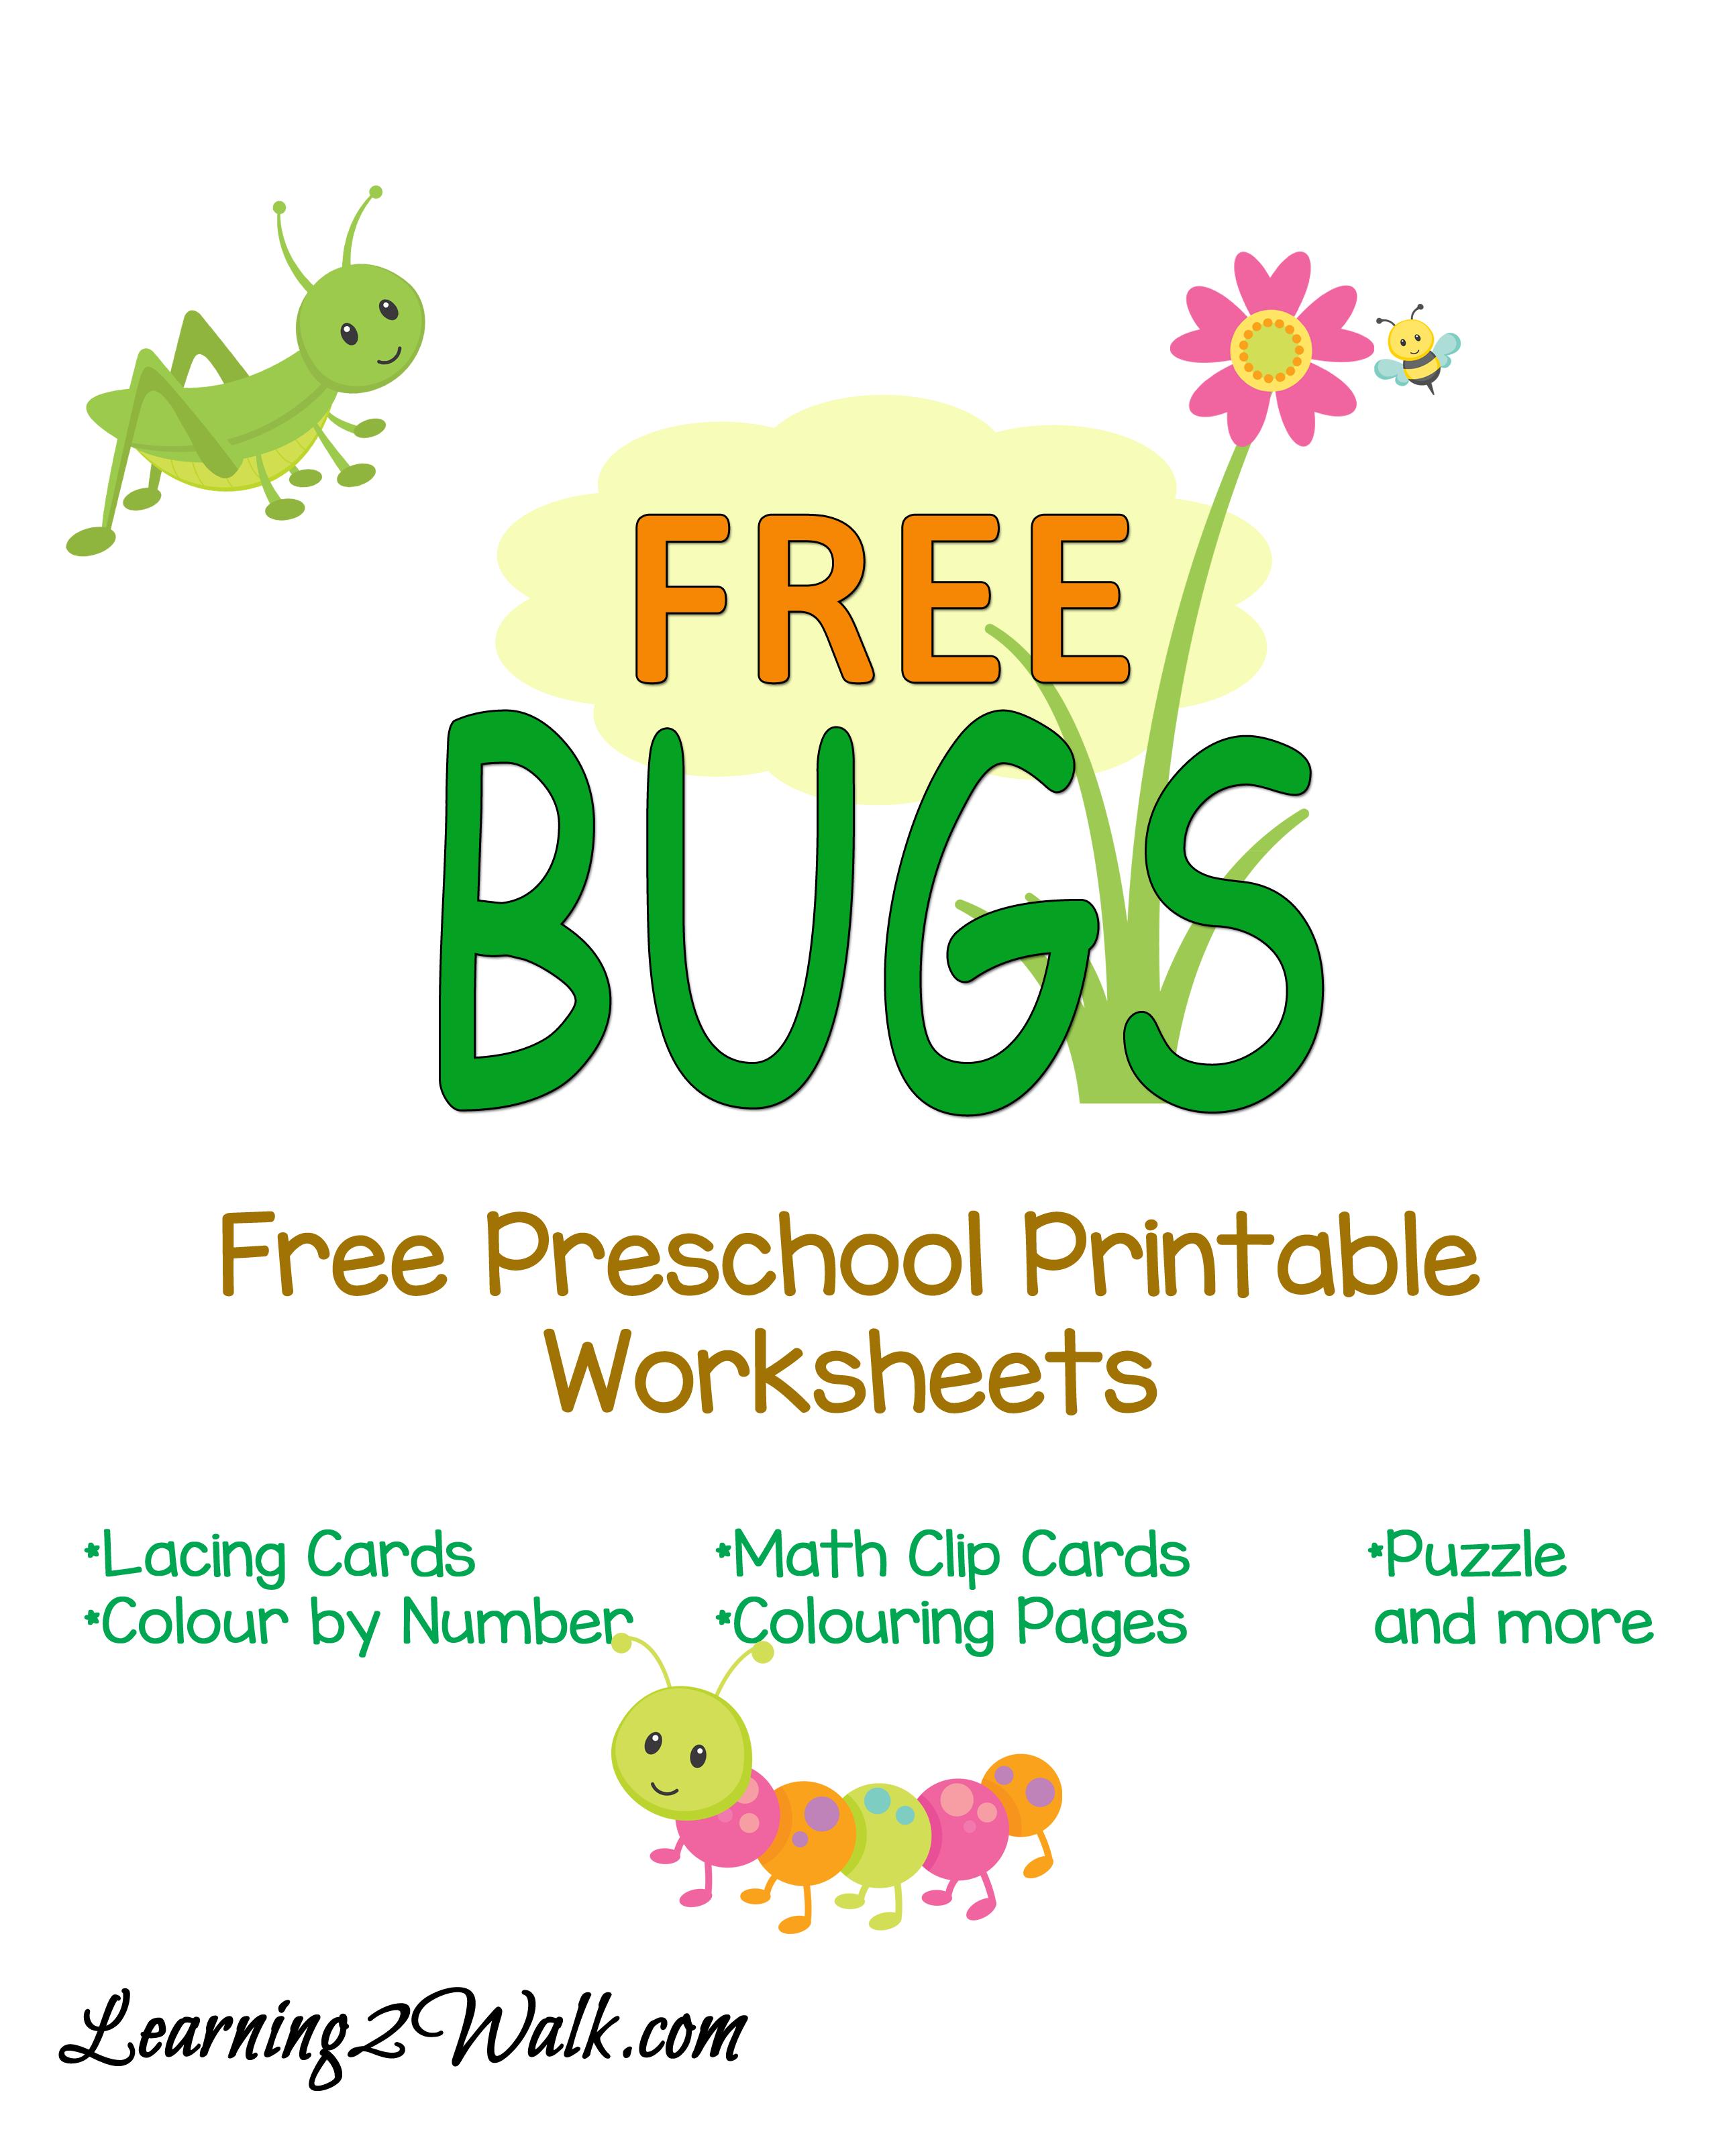 Free Bugs Preschool Printable Worksheets Printable Preschool Worksheets Bugs Preschool Free Preschool [ 3214 x 2550 Pixel ]